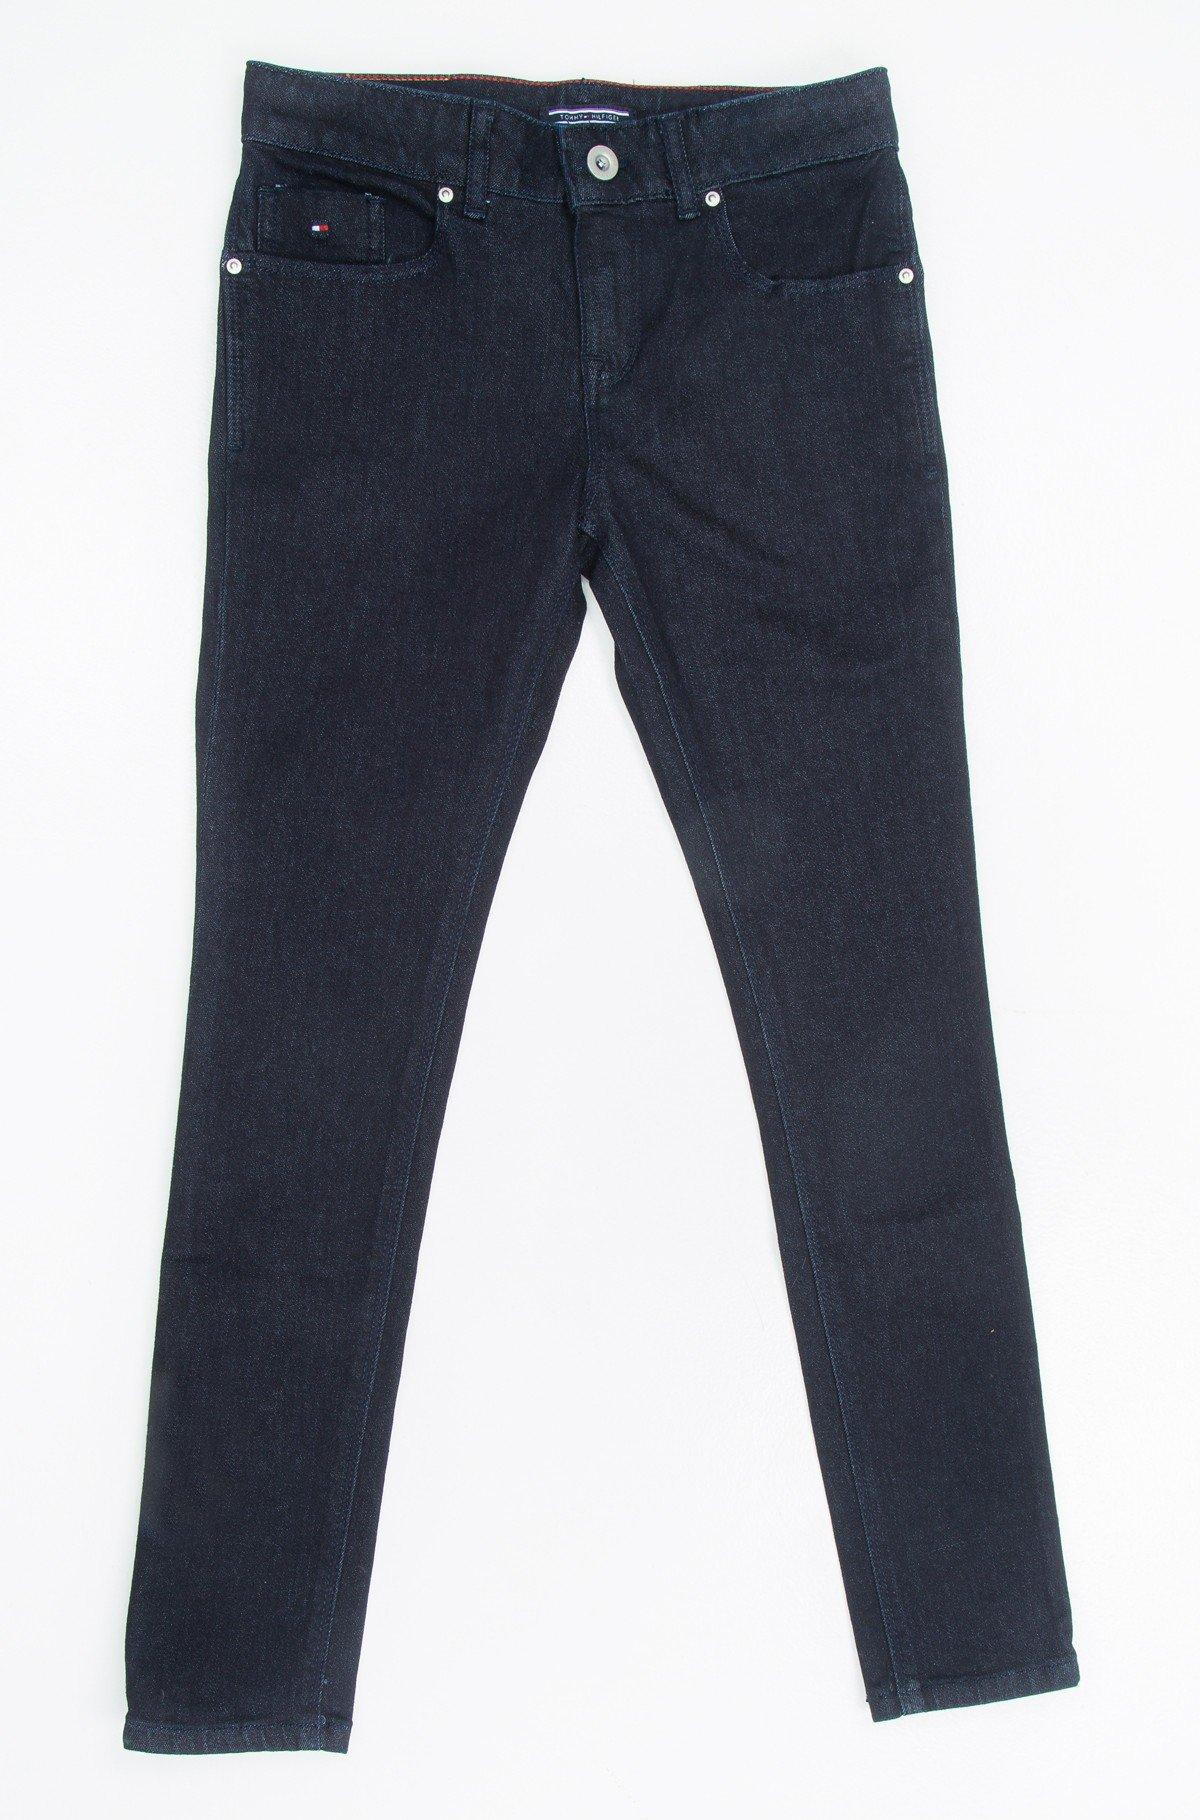 Vaikiškos džinsinės kelnės NORA RR SKINNY NRSTR-full-1